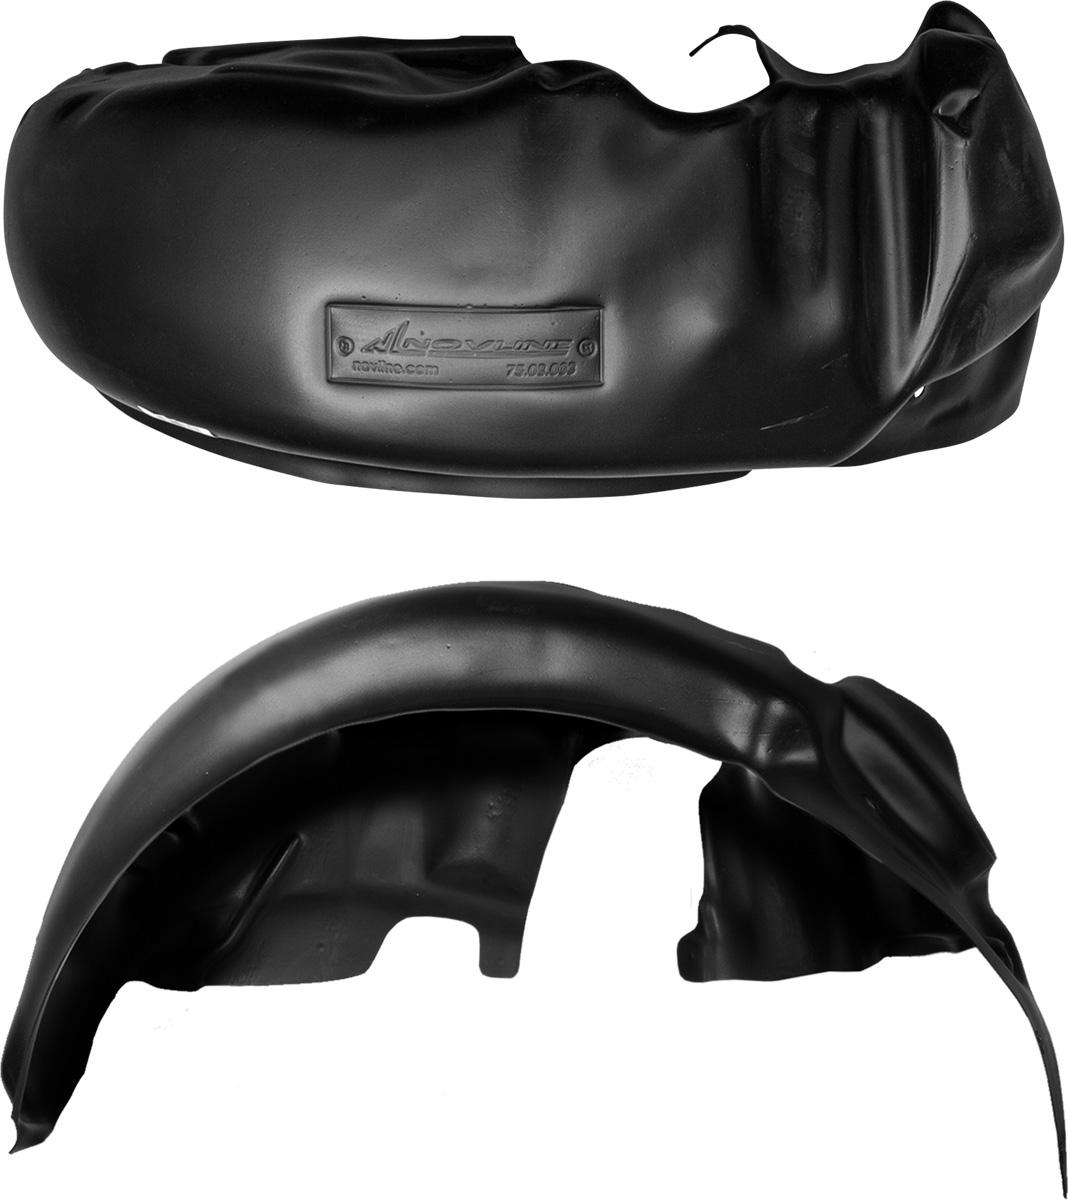 Подкрылок RENAULT Duster 4X4, 05/2015->, задний правыйSVC-300Колесные ниши – одни из самых уязвимых зон днища вашего автомобиля. Они постоянно подвергаются воздействию со стороны дороги. Лучшая, почти абсолютная защита для них - специально отформованные пластиковые кожухи, которые называются подкрылками, или локерами. Производятся они как для отечественных моделей автомобилей, так и для иномарок. Подкрылки выполнены из высококачественного, экологически чистого пластика. Обеспечивают надежную защиту кузова автомобиля от пескоструйного эффекта и негативного влияния, агрессивных антигололедных реагентов. Пластик обладает более низкой теплопроводностью, чем металл, поэтому в зимний период эксплуатации использование пластиковых подкрылков позволяет лучше защитить колесные ниши от налипания снега и образования наледи. Оригинальность конструкции подчеркивает элегантность автомобиля, бережно защищает нанесенное на днище кузова антикоррозийное покрытие и позволяет осуществить крепление подкрылков внутри колесной арки практически без дополнительного крепежа и сверления, не нарушая при этом лакокрасочного покрытия, что предотвращает возникновение новых очагов коррозии. Технология крепления подкрылков на иномарки принципиально отличается от крепления на российские автомобили и разрабатывается индивидуально для каждой модели автомобиля. Подкрылки долговечны, обладают высокой прочностью и сохраняют заданную форму, а также все свои физико-механические характеристики в самых тяжелых климатических условиях ( от -50° С до + 50° С).